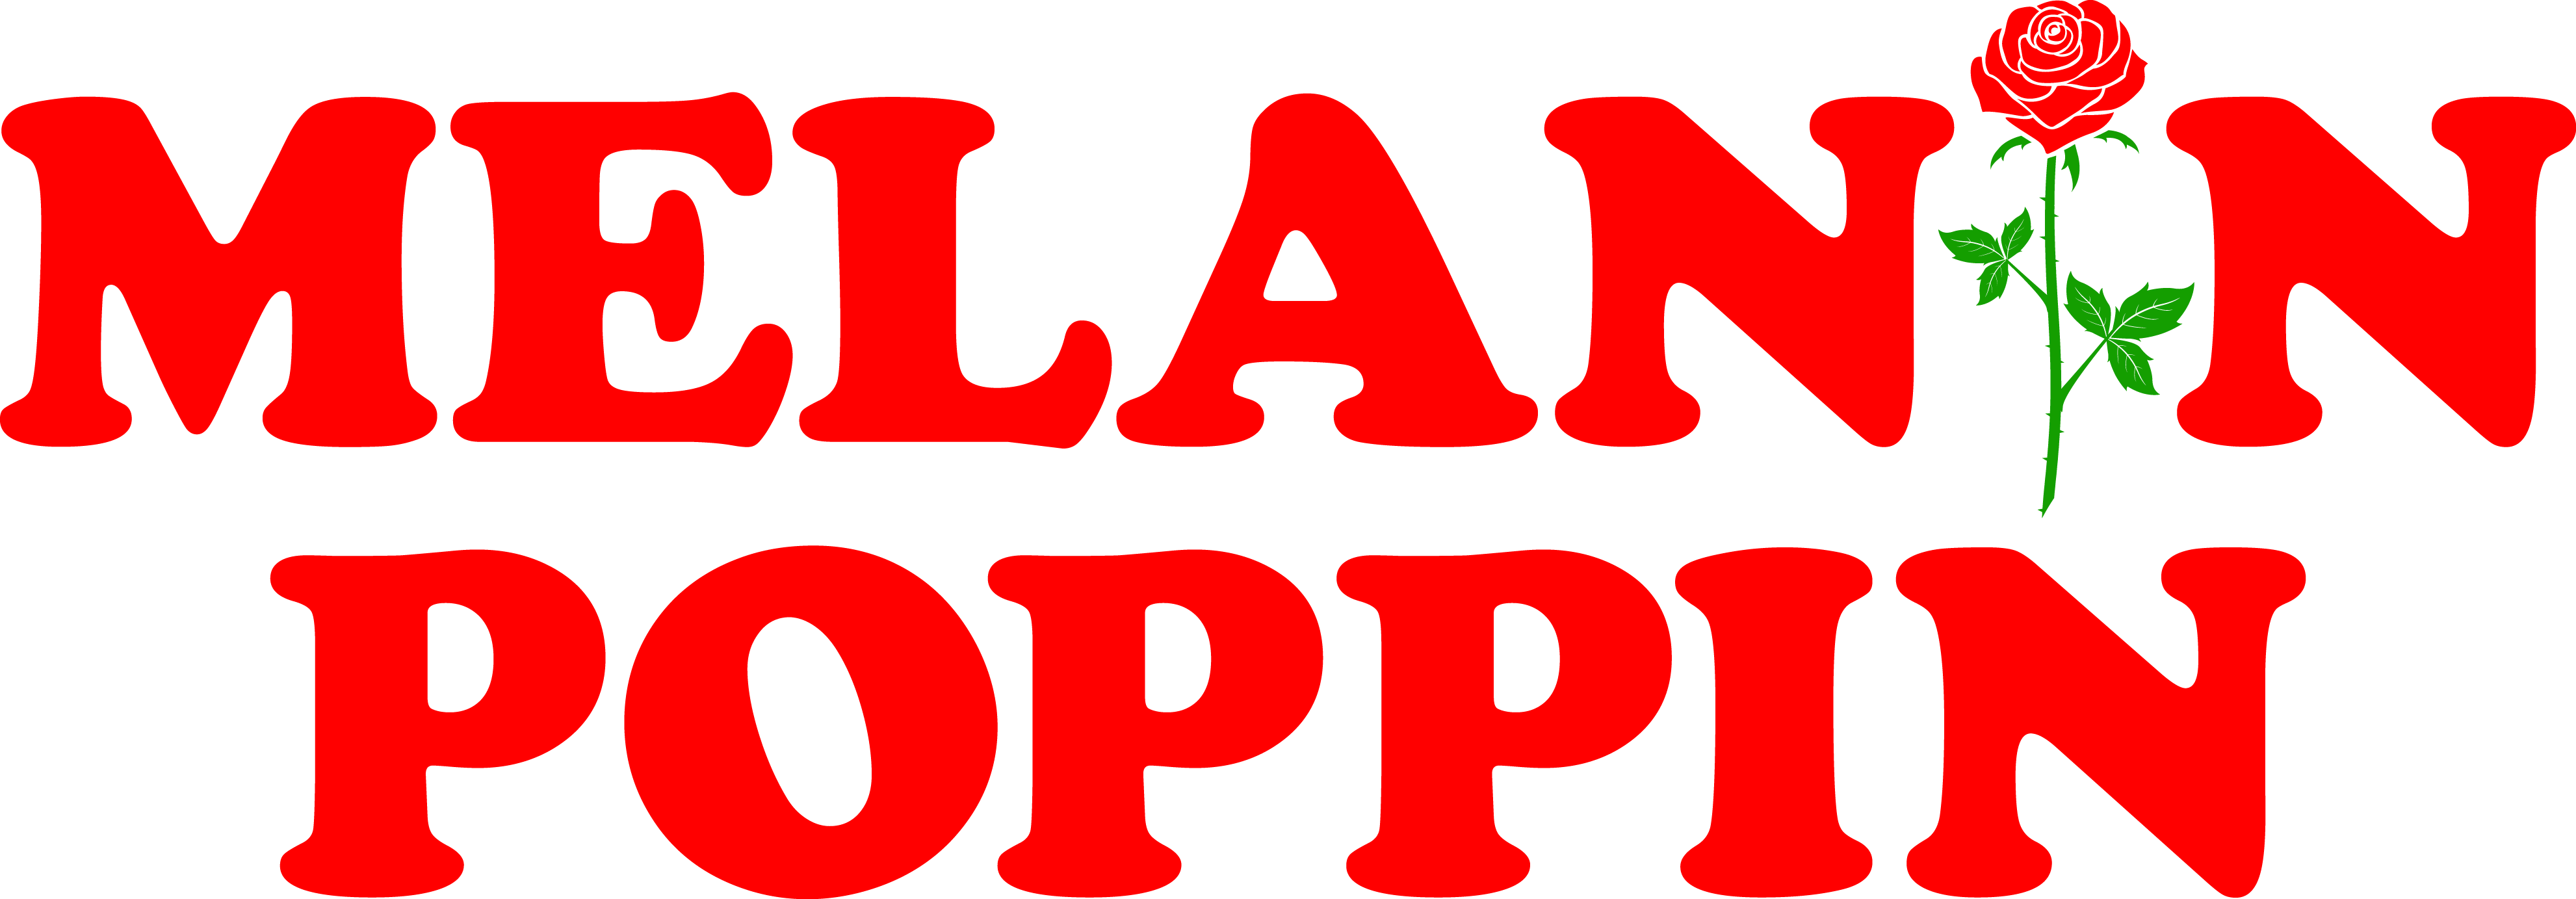 Melaninpoppinrose